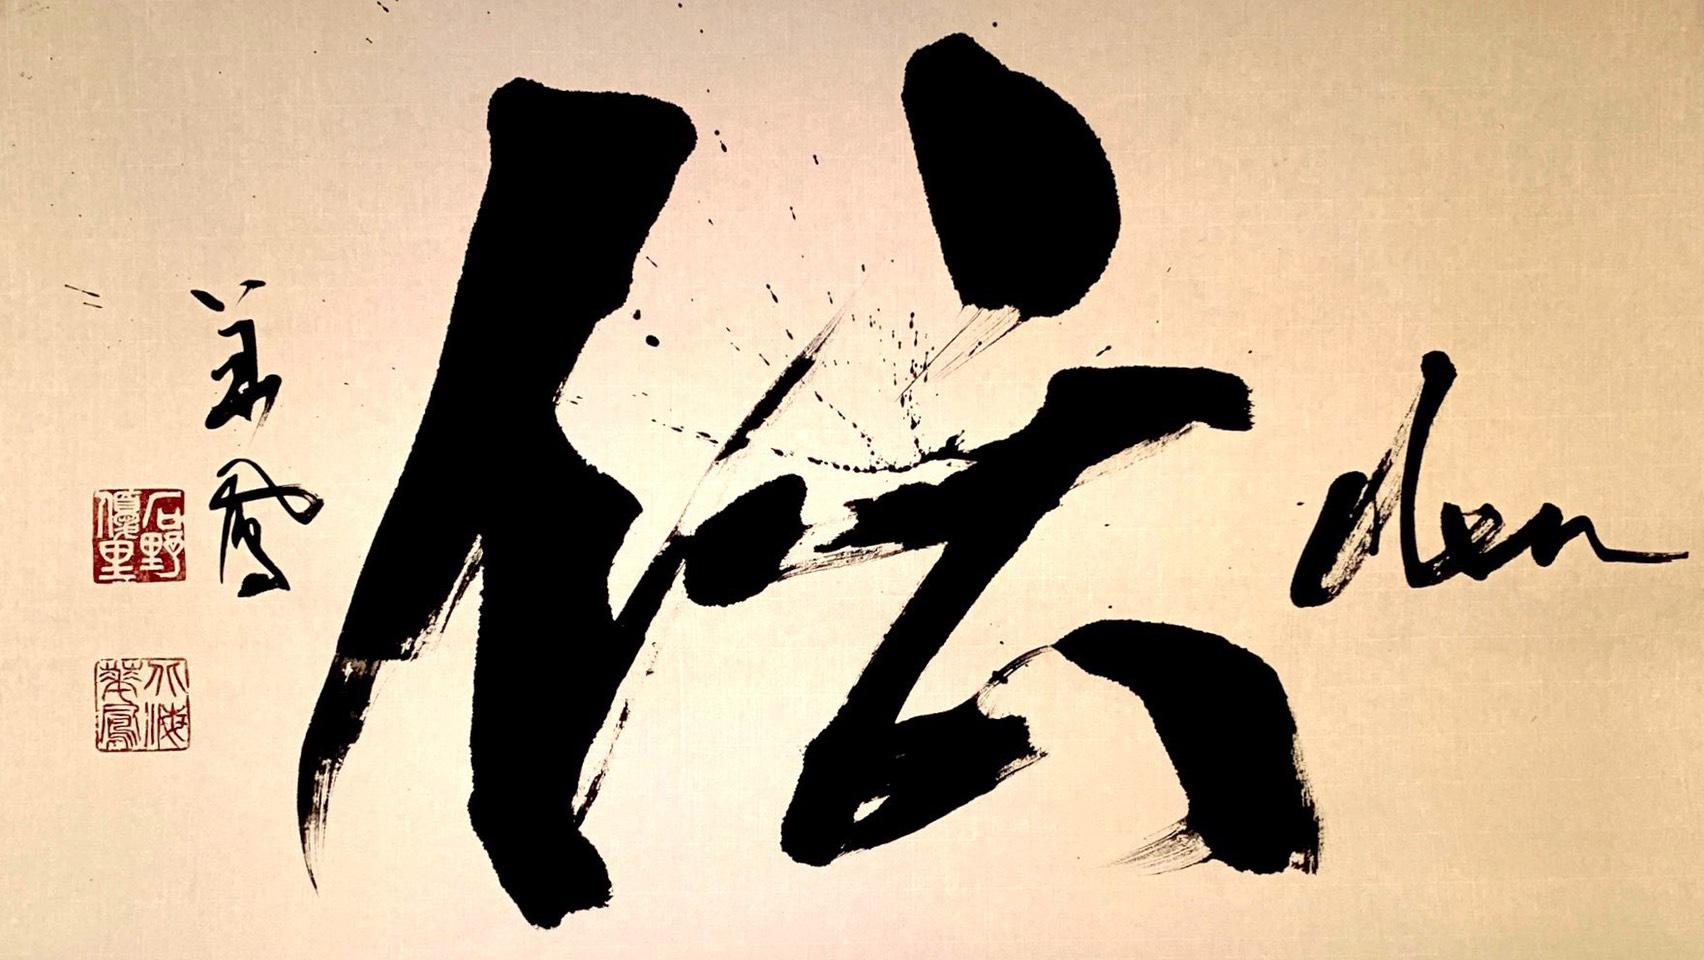 ジャパニーズビュッフェダイニング『伝』一点物書作品 | 札幌市中央区円山の会員制書道教室「華」